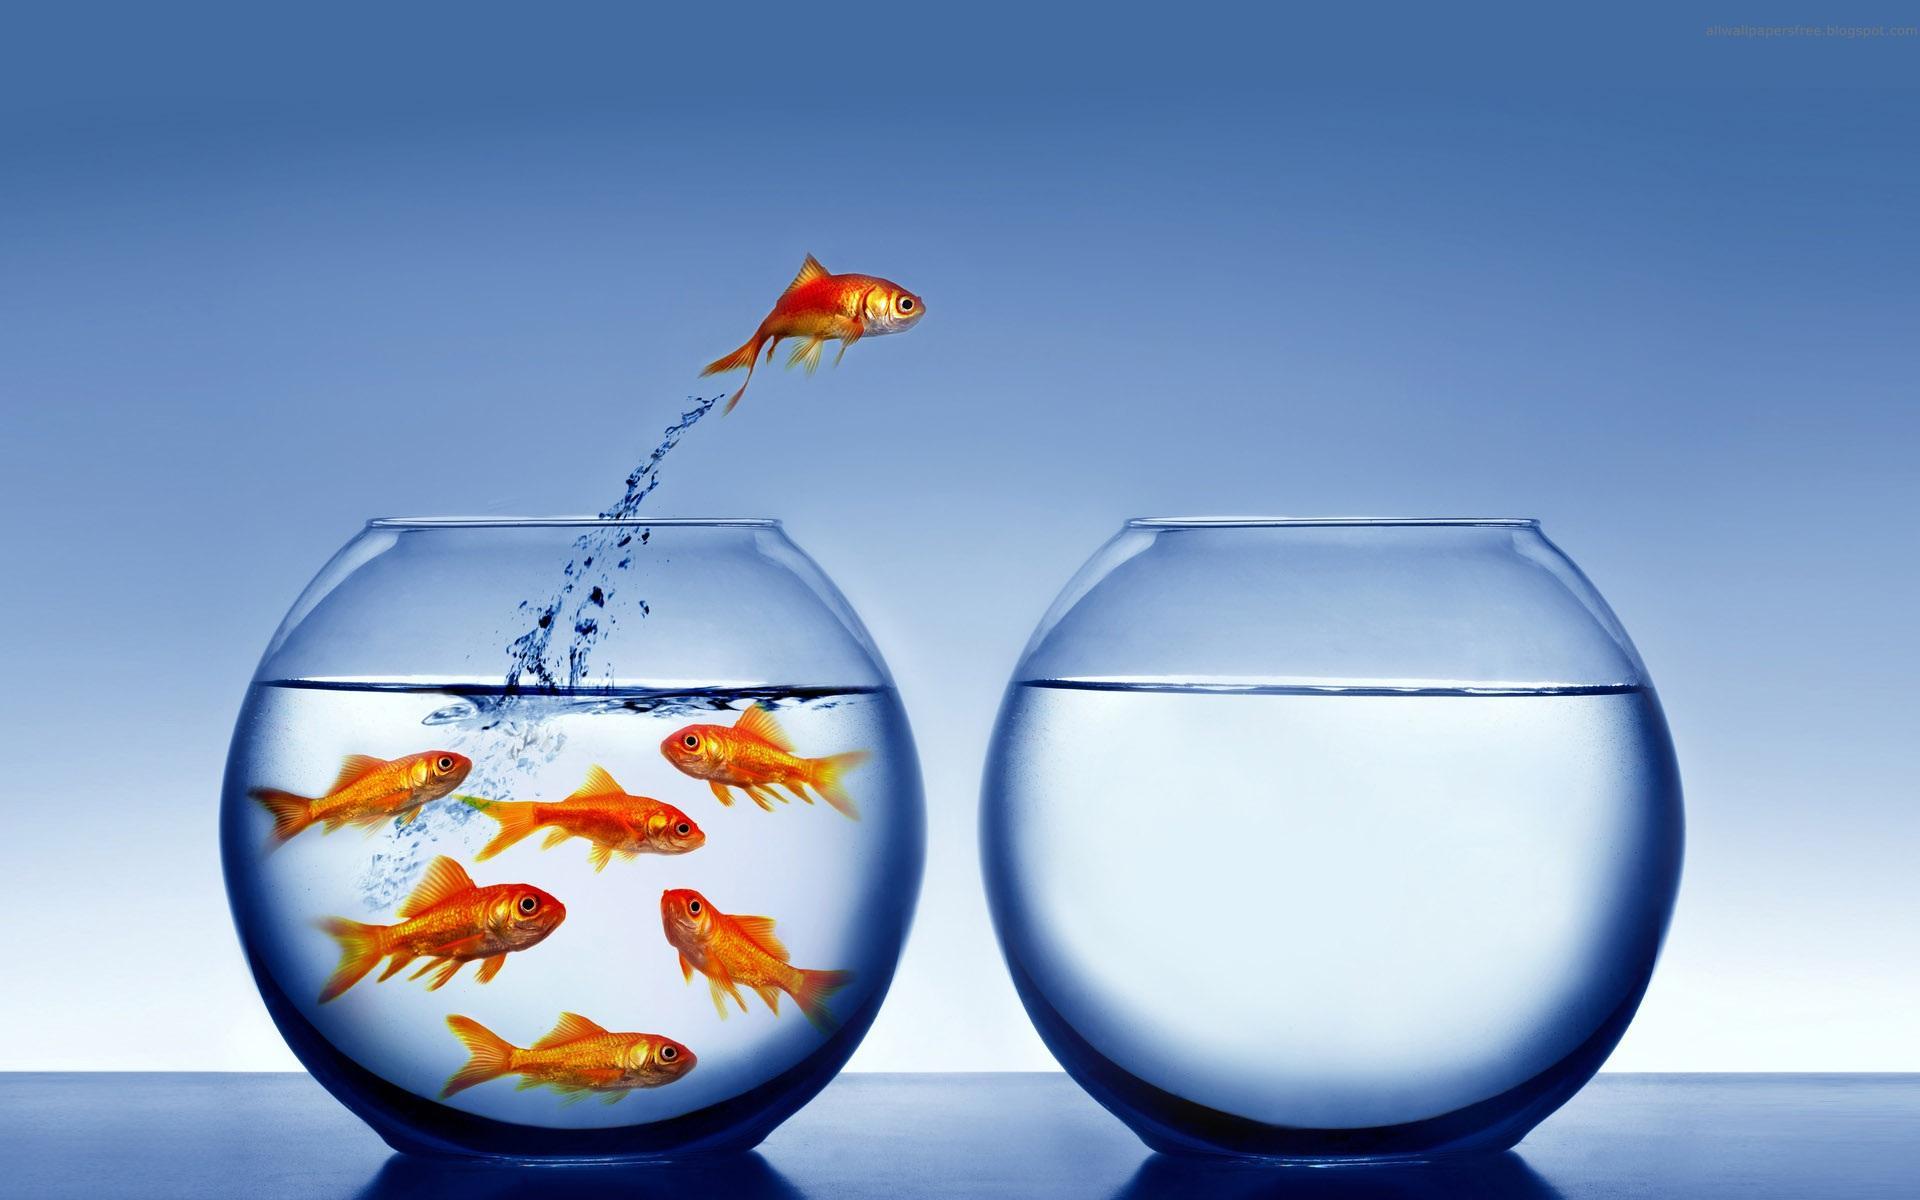 求桌面背景图片:鱼从一个鱼缸跳向另一个鱼缸